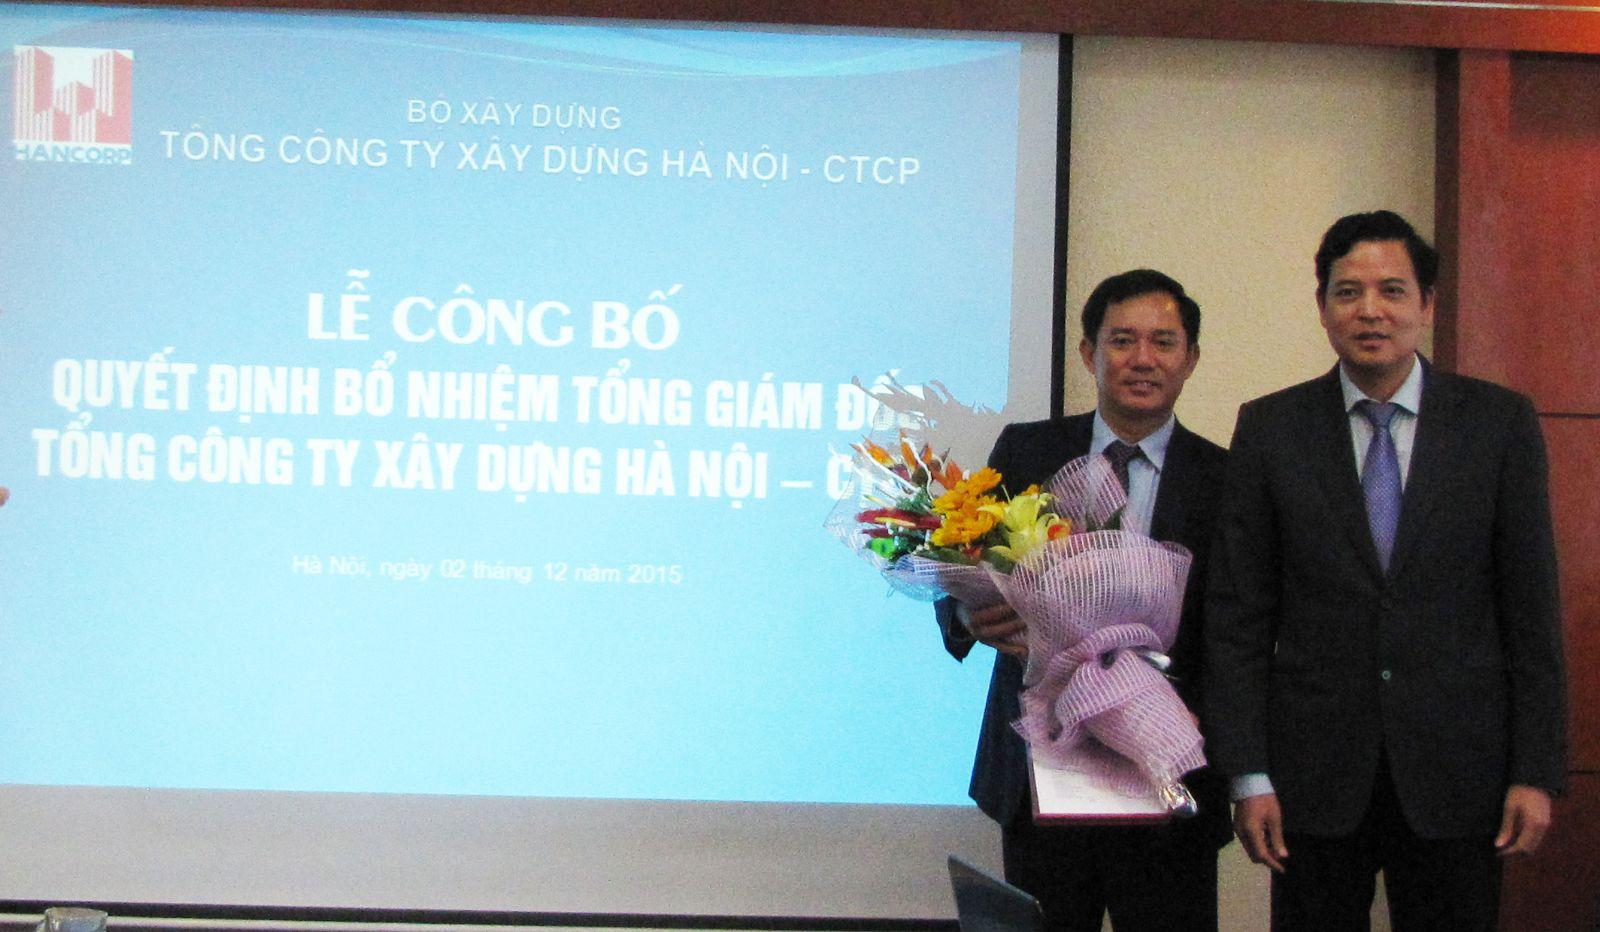 Ông Bùi Xuân Dũng - Bí thư Đảng ủy, Chủ tịch HĐQT Tổng công ty trao quyết định cho ông Đậu Văn Diện